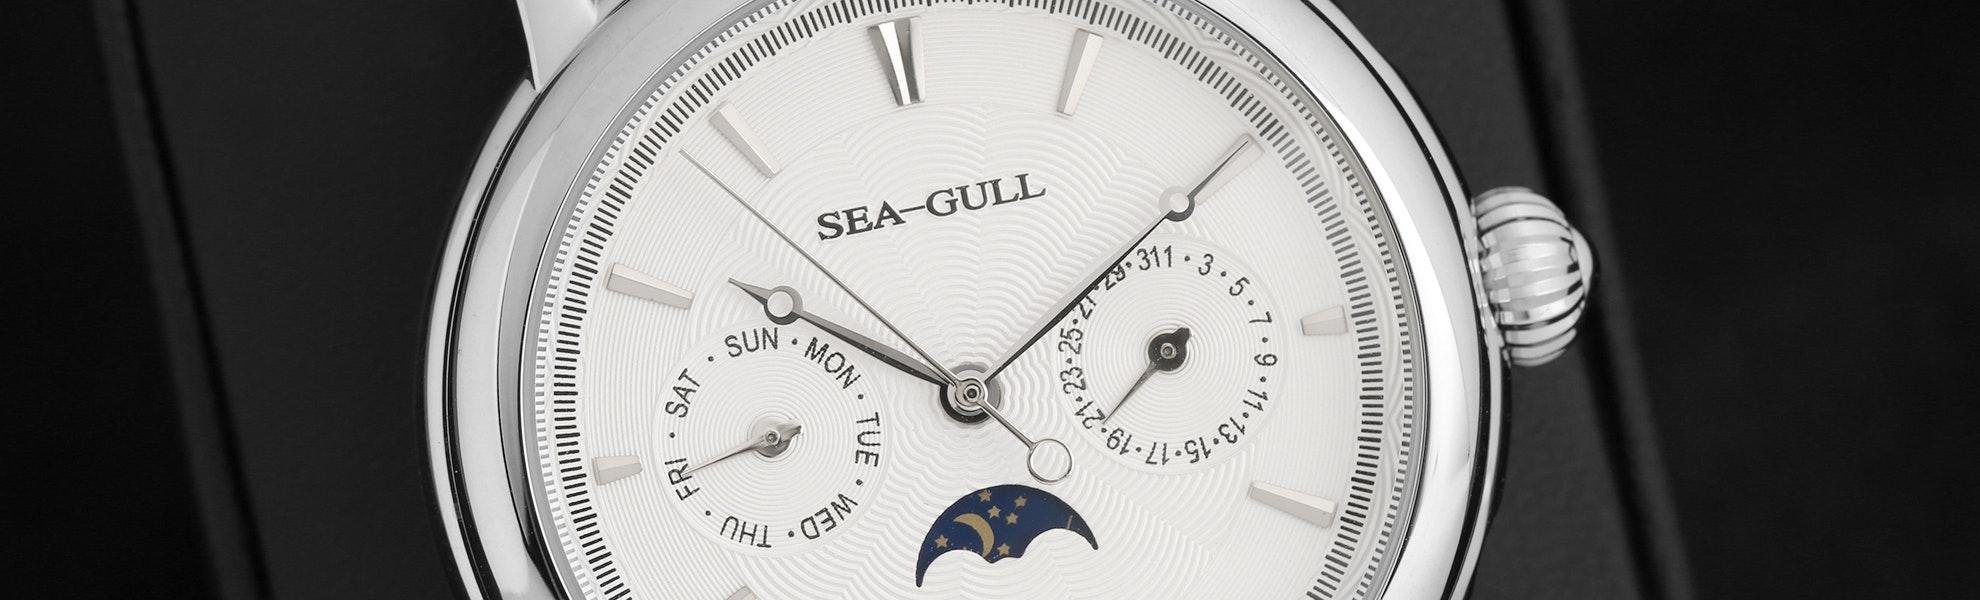 Sea-Gull D0271 Day/Night Watch